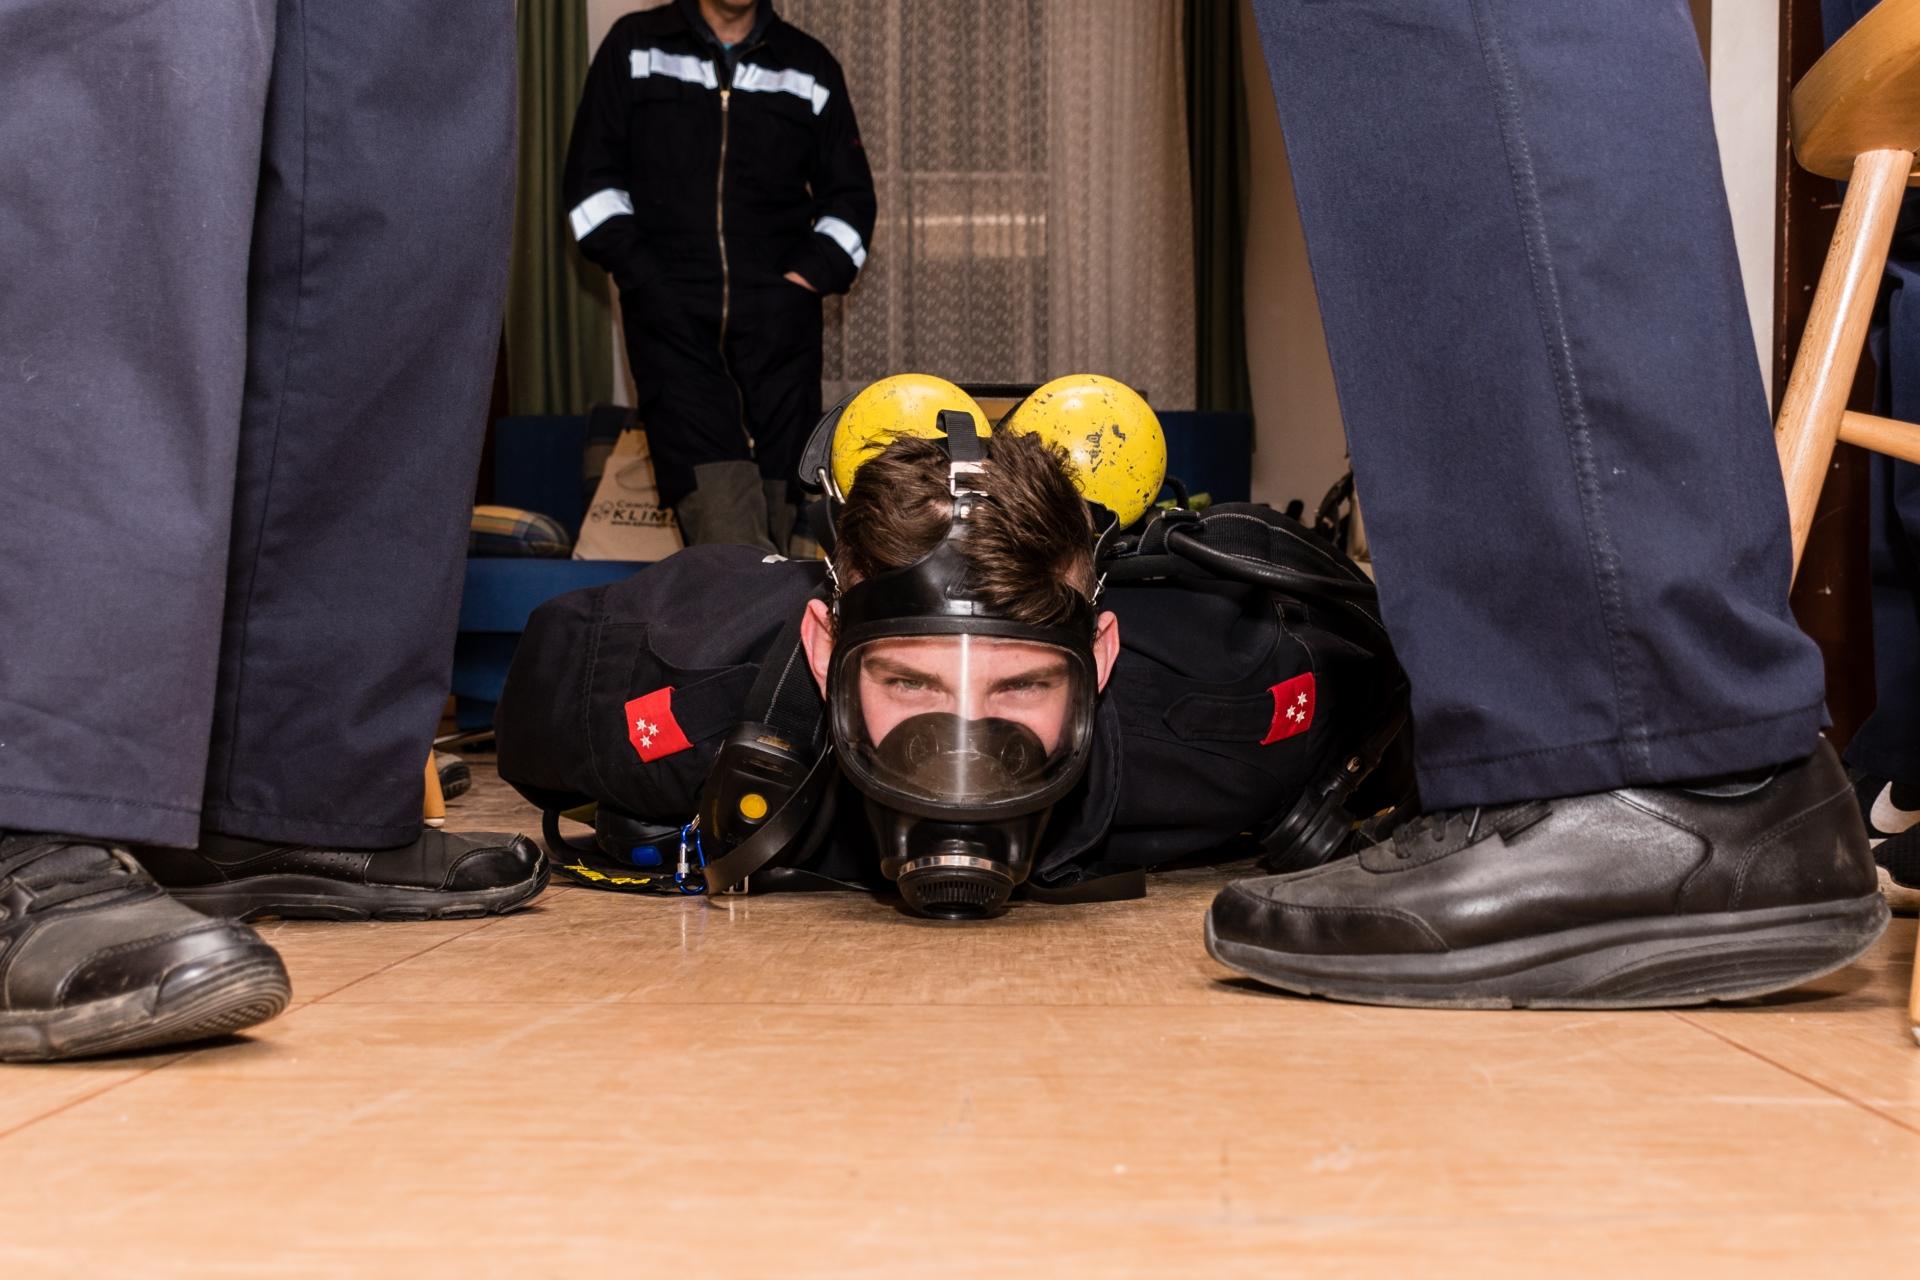 Erste Hilfe im Brandeinsatz